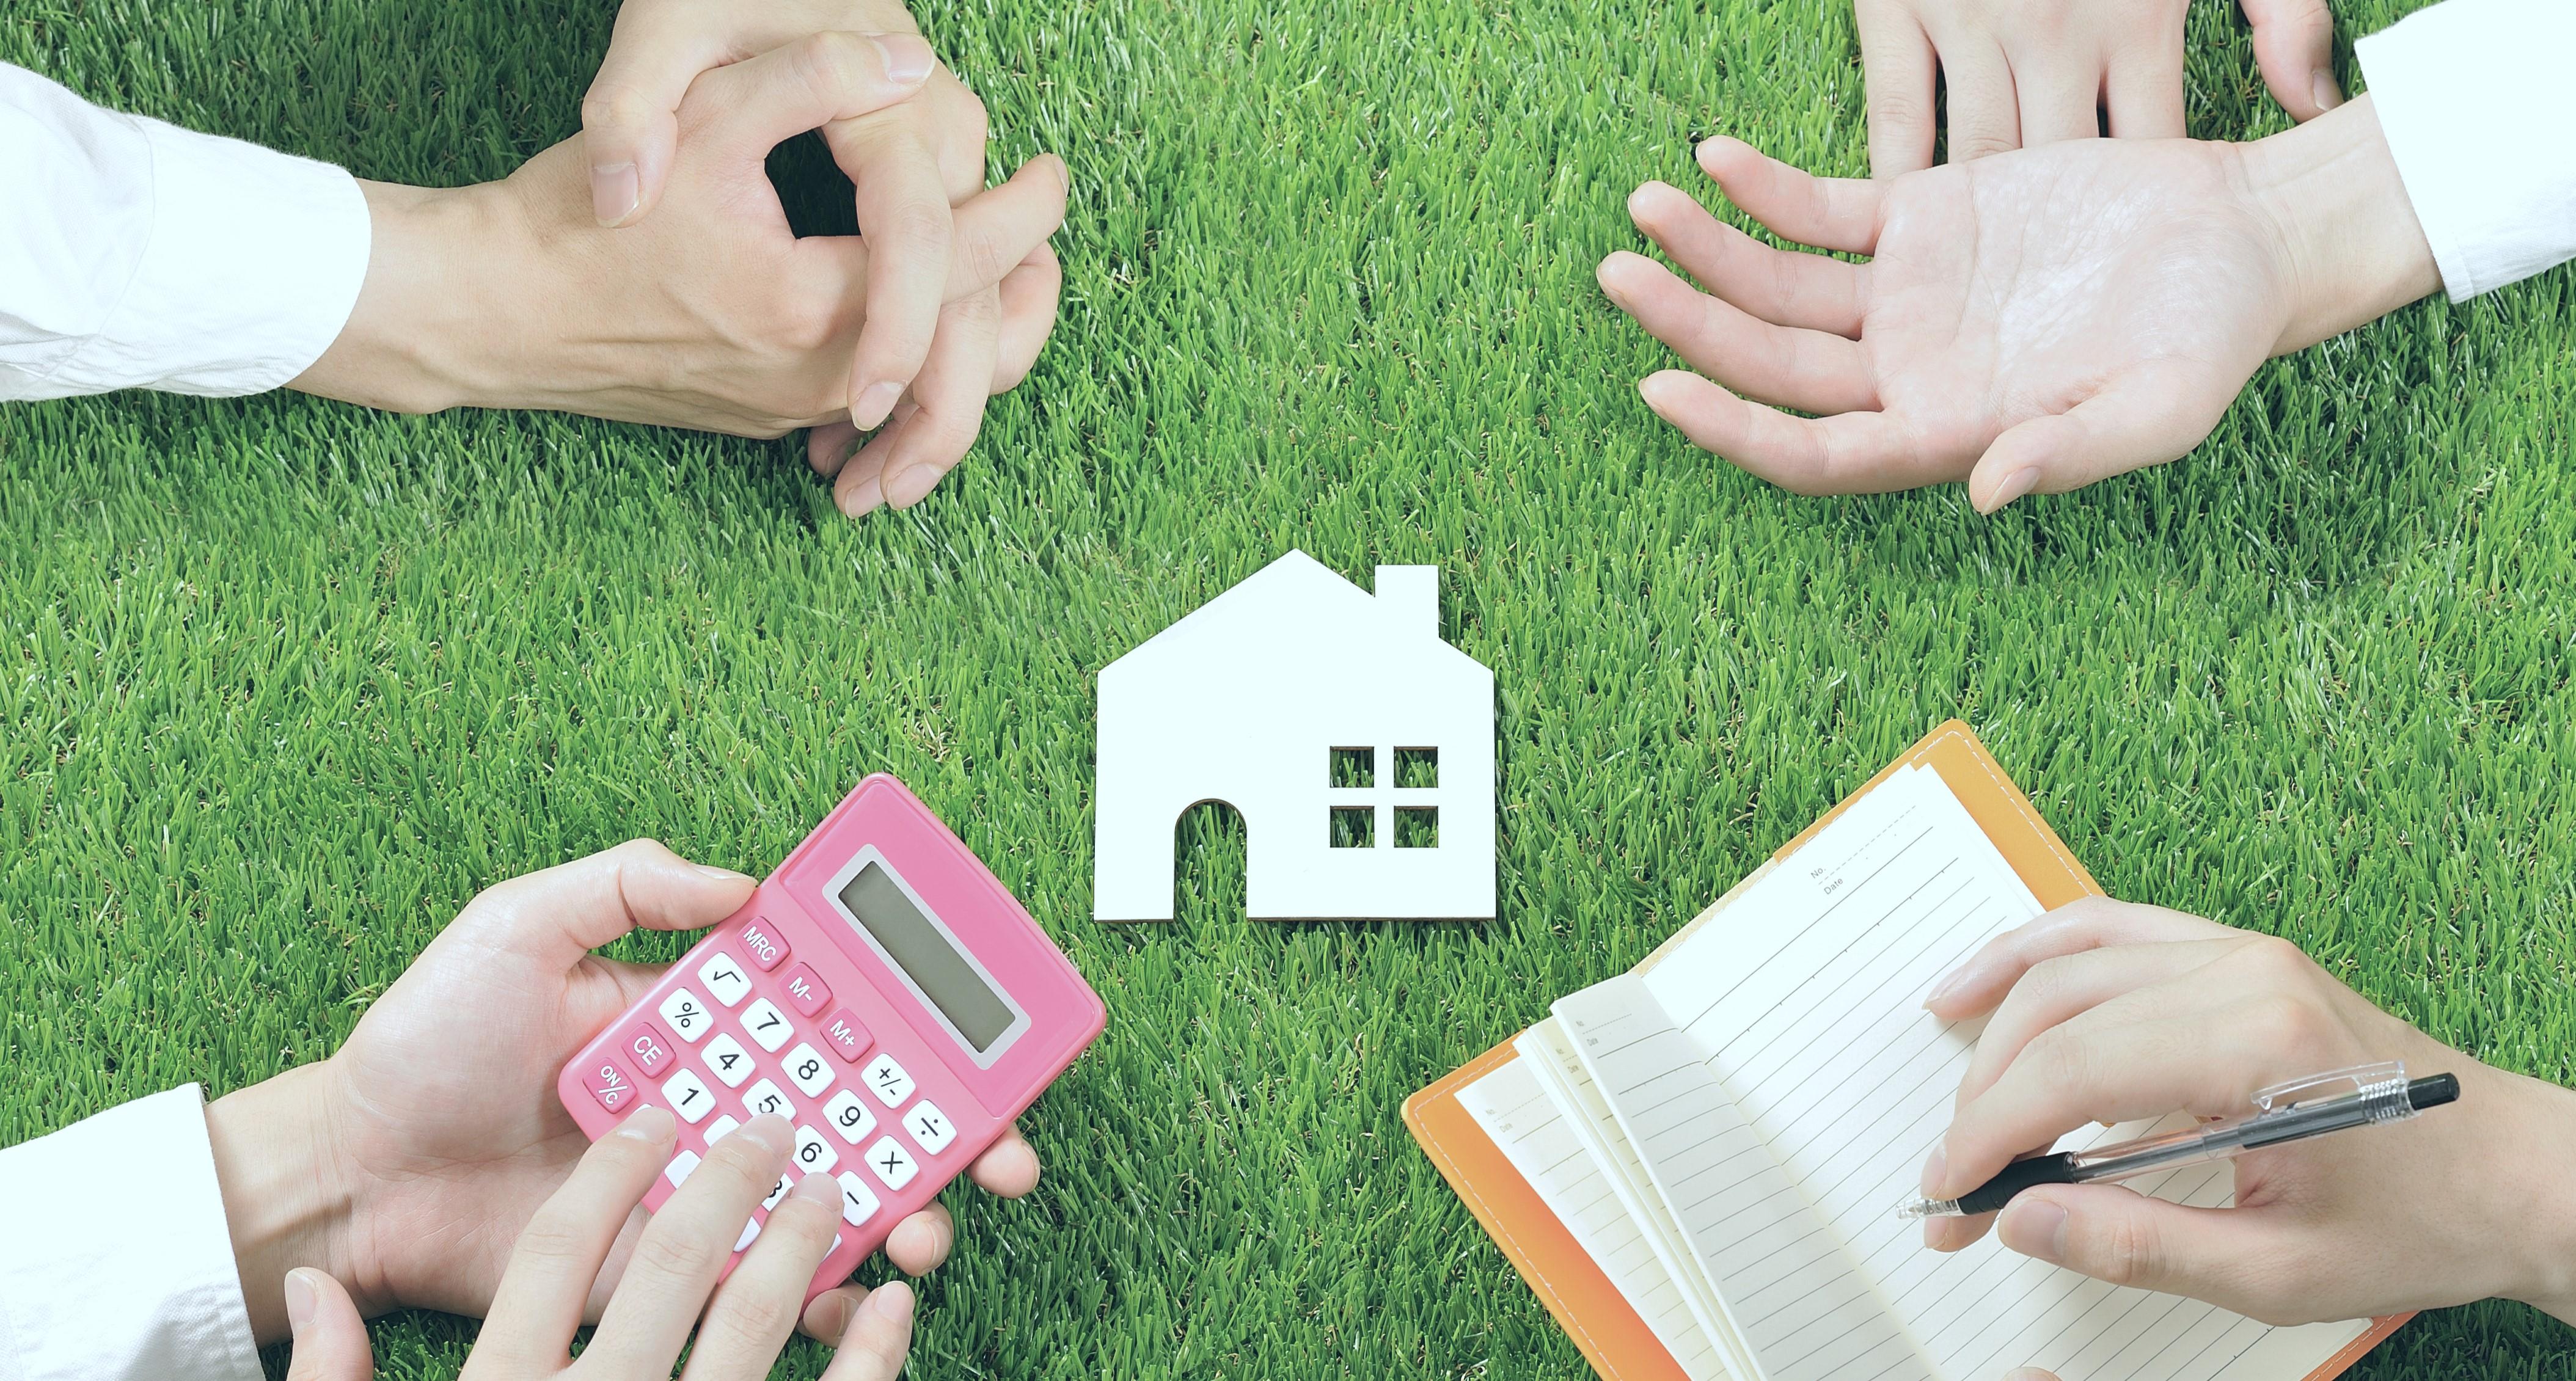 Illustrasjonsfoto for bobehandling - bilde av fire par hender med kalkulator, bilde av et hus og en bok